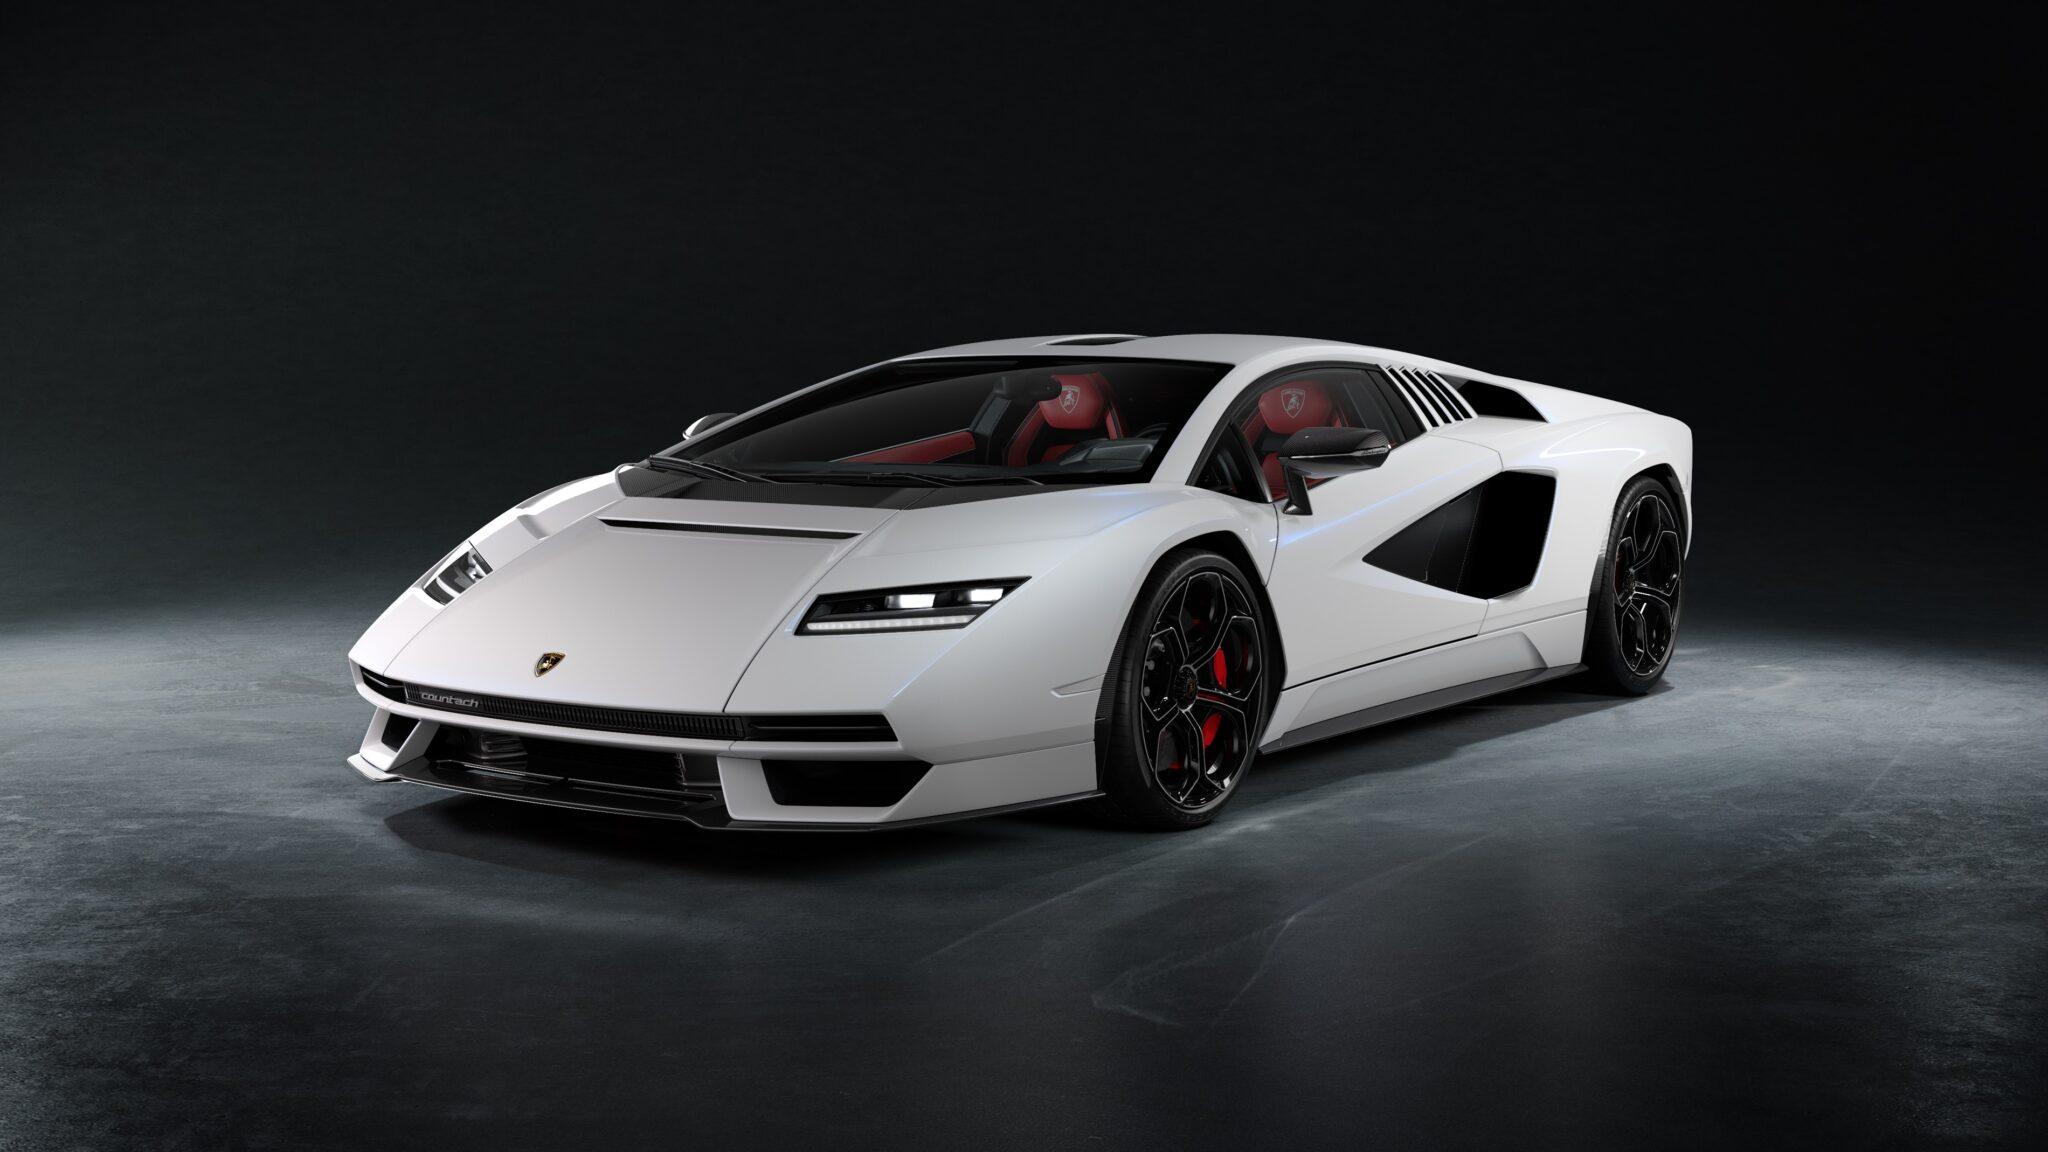 Nuova Lamborghini Countach - Crediti foto: ufficio stampa Lamborghini